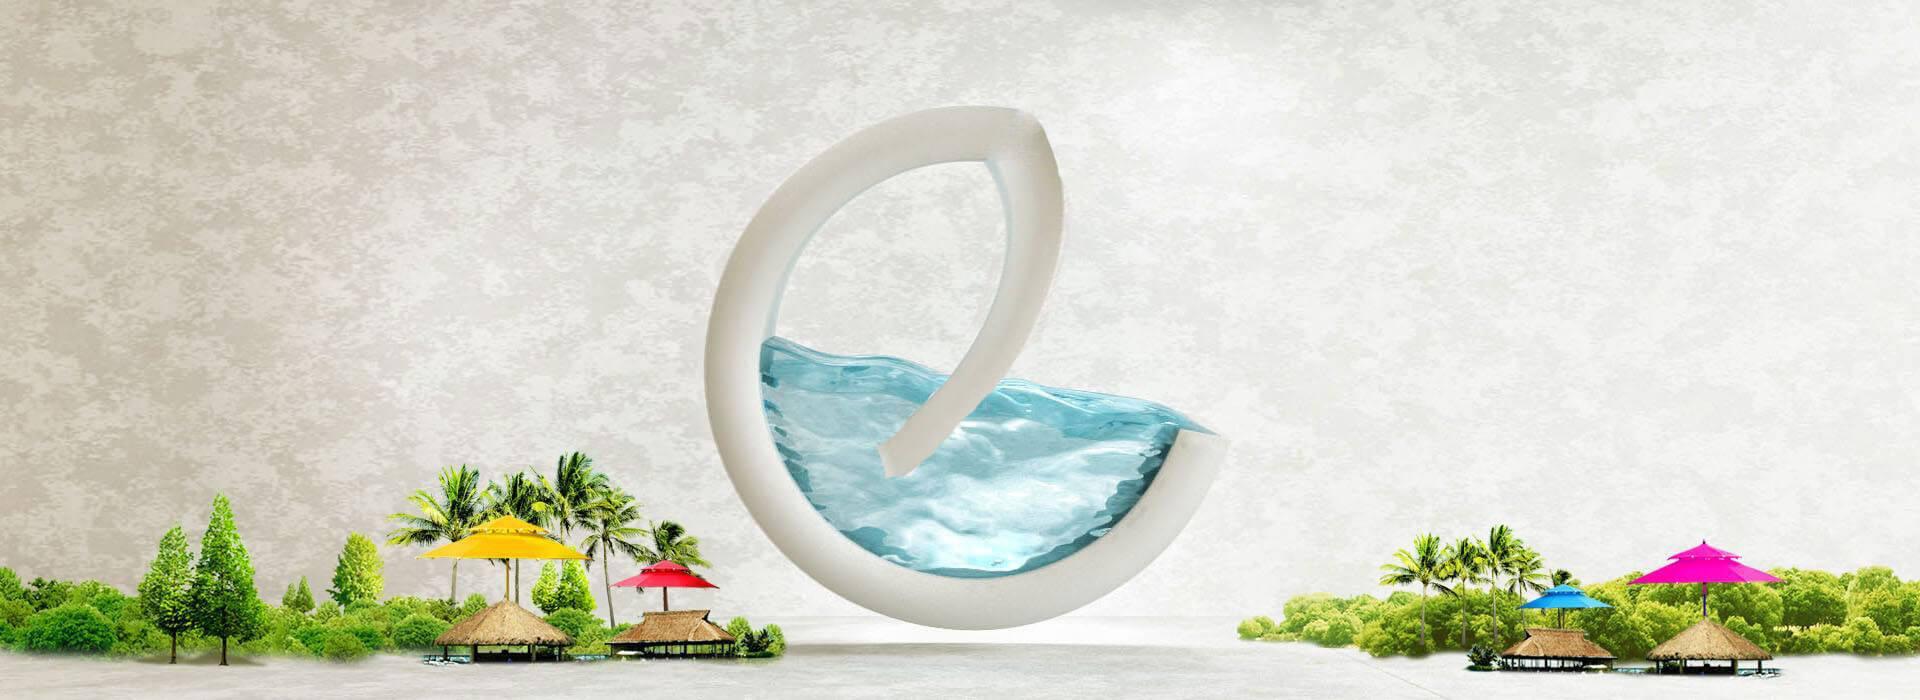 water-ega